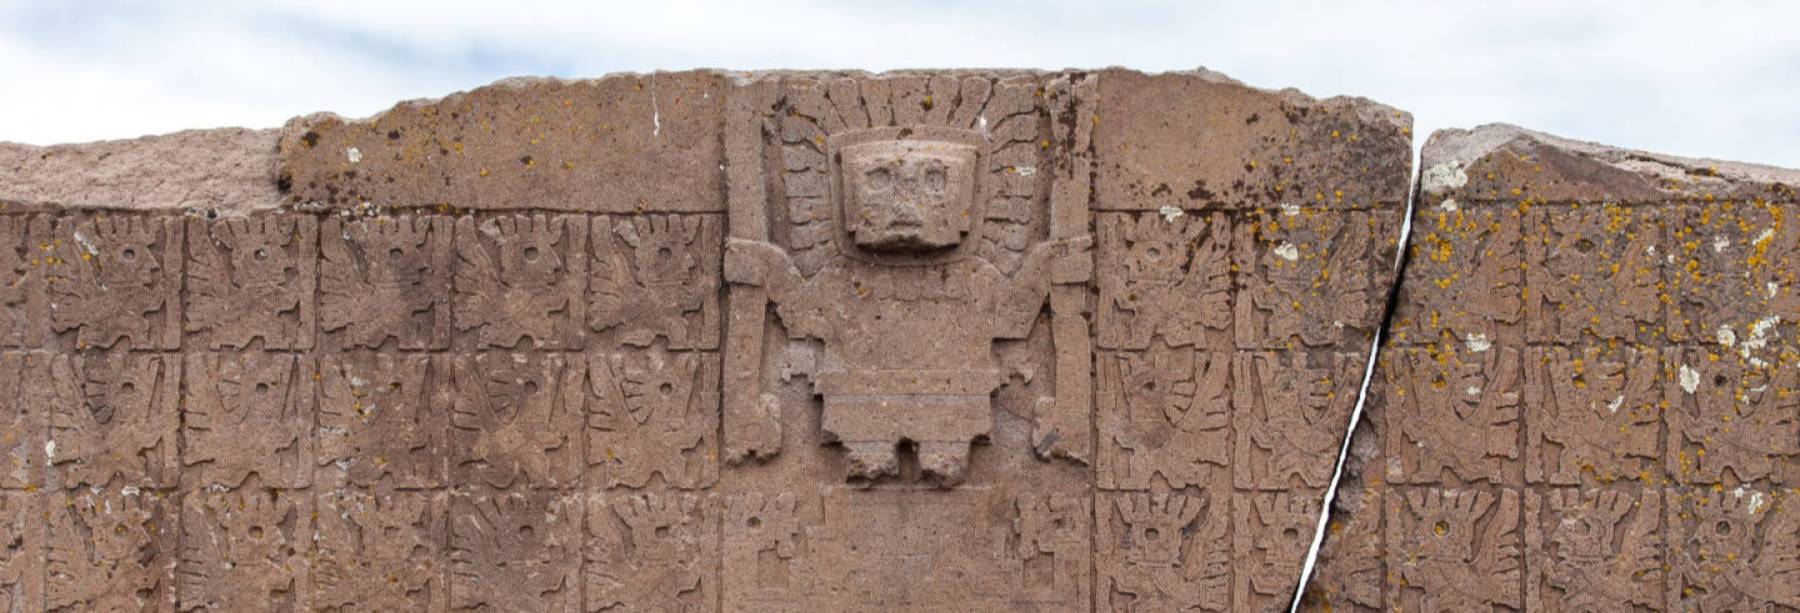 Escursione al lago Titicaca e a Tiwanaku